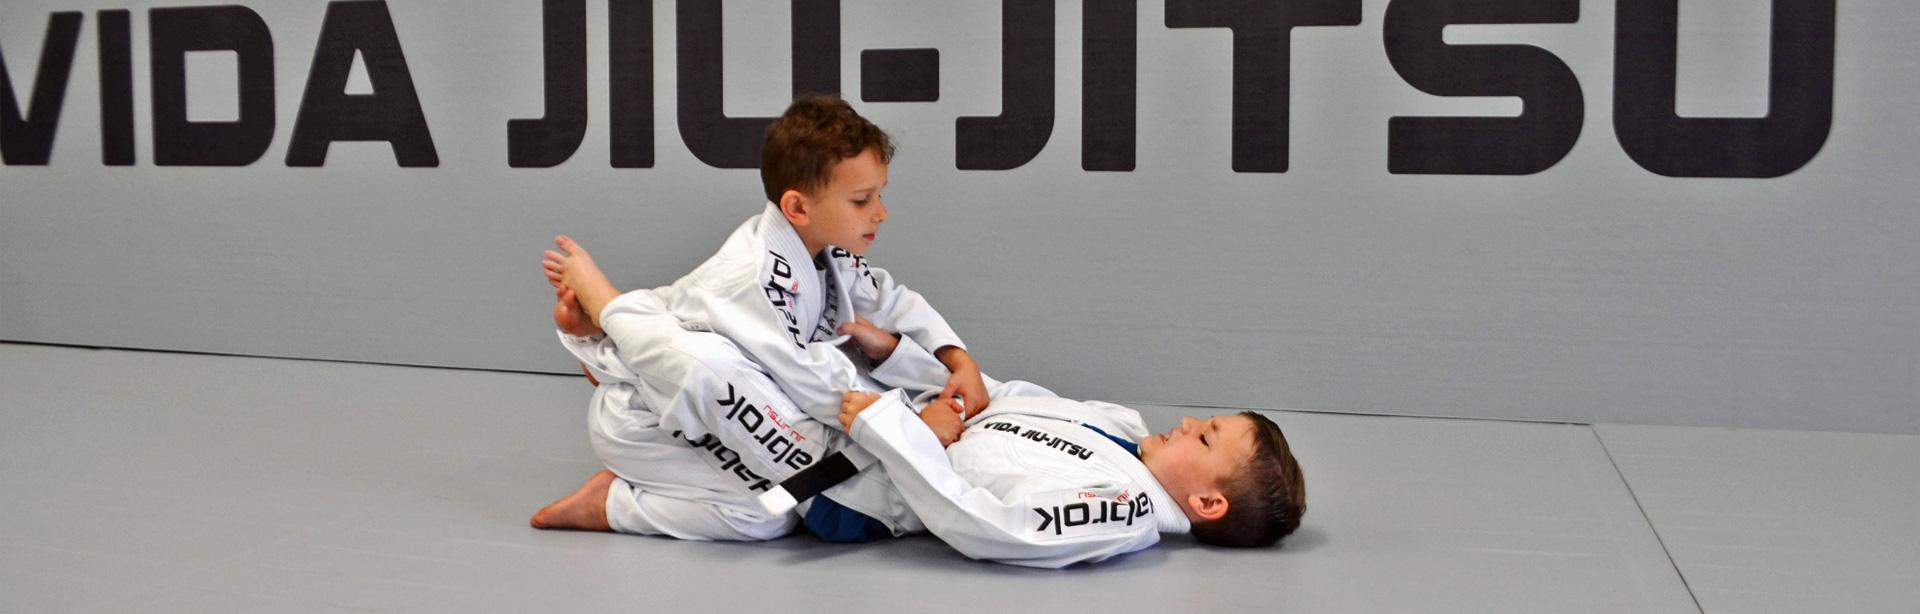 vida-bjj-header-kids